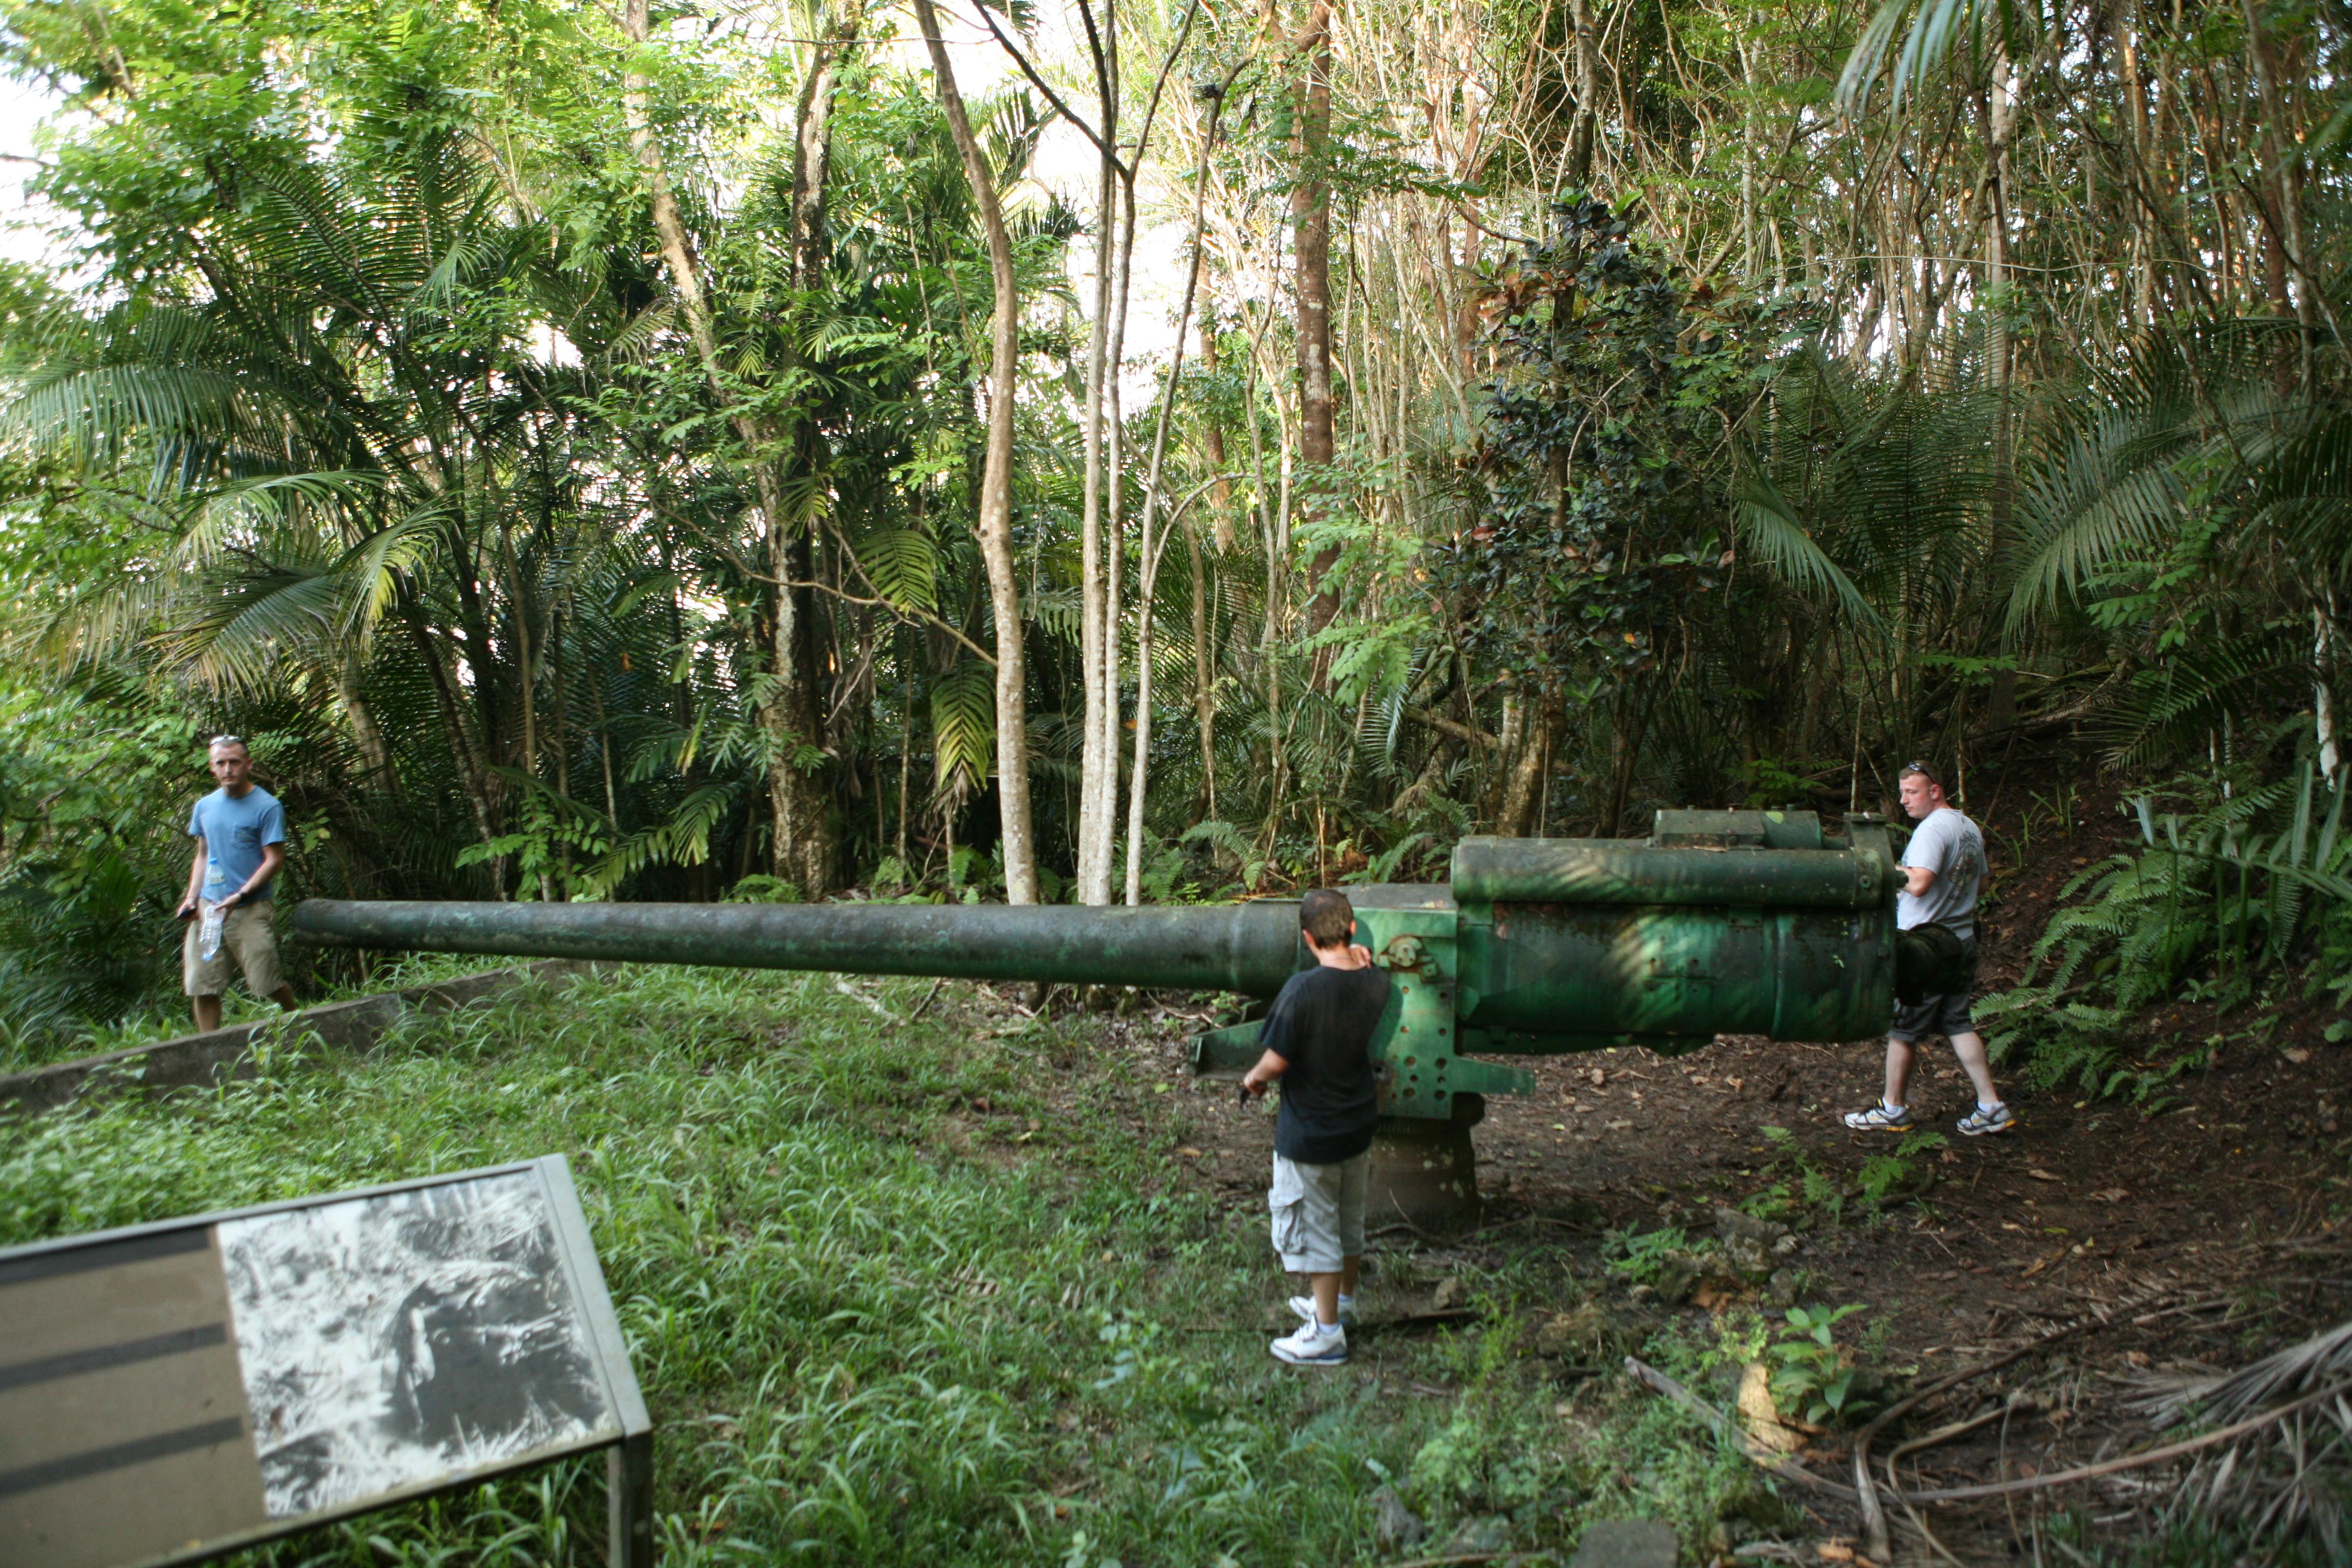 戦跡ピティ・ガンズに残る50口径三年式14糎単装砲